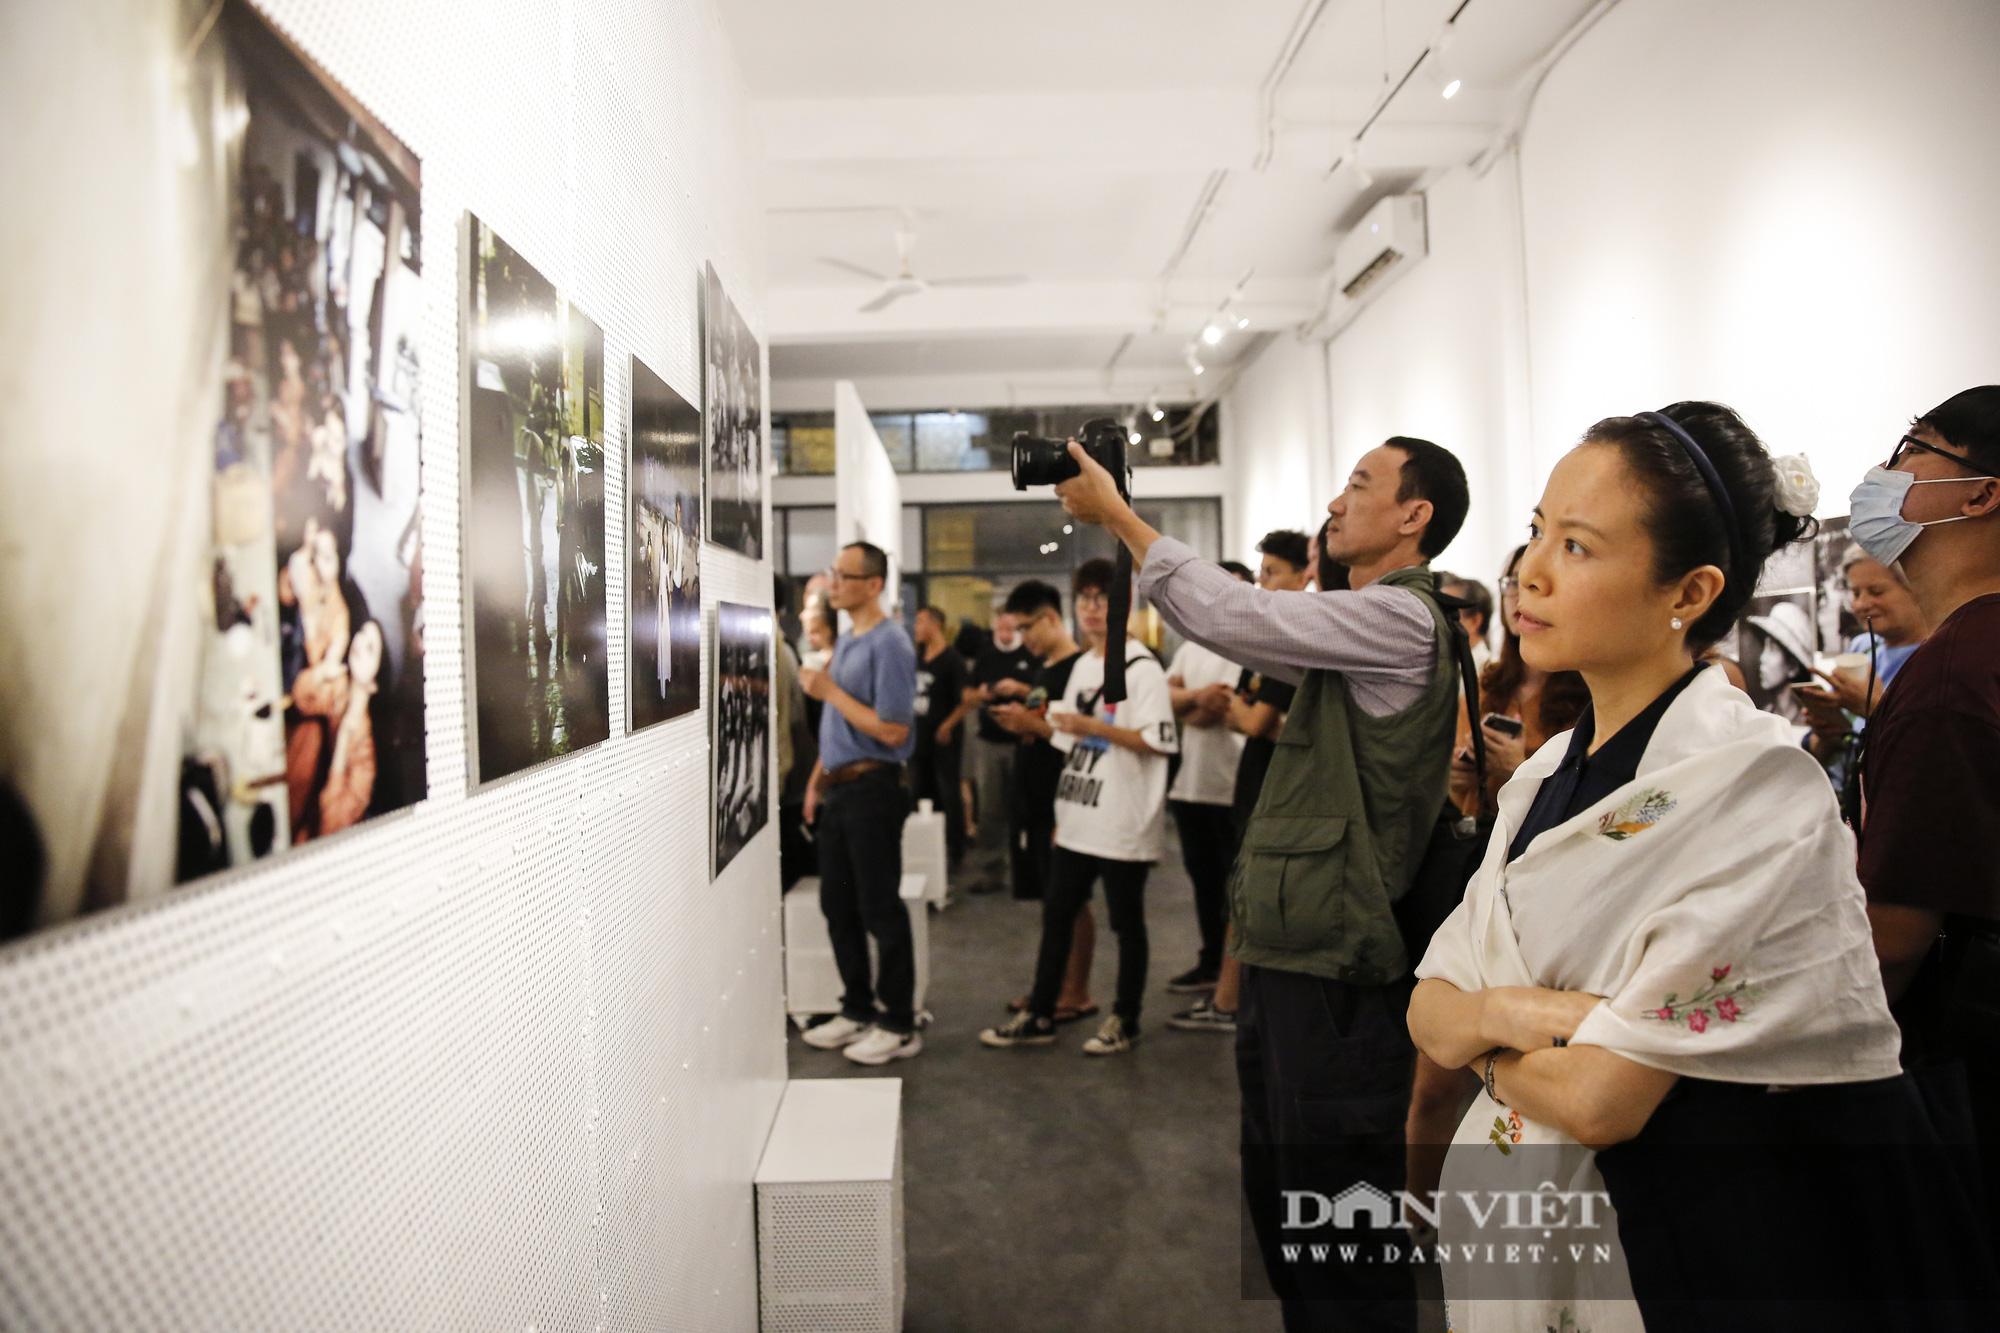 Đại sứ Đức tại Việt Nam tham dự triển lãm ảnh đặc biệt về Hà Nội - Ảnh 3.